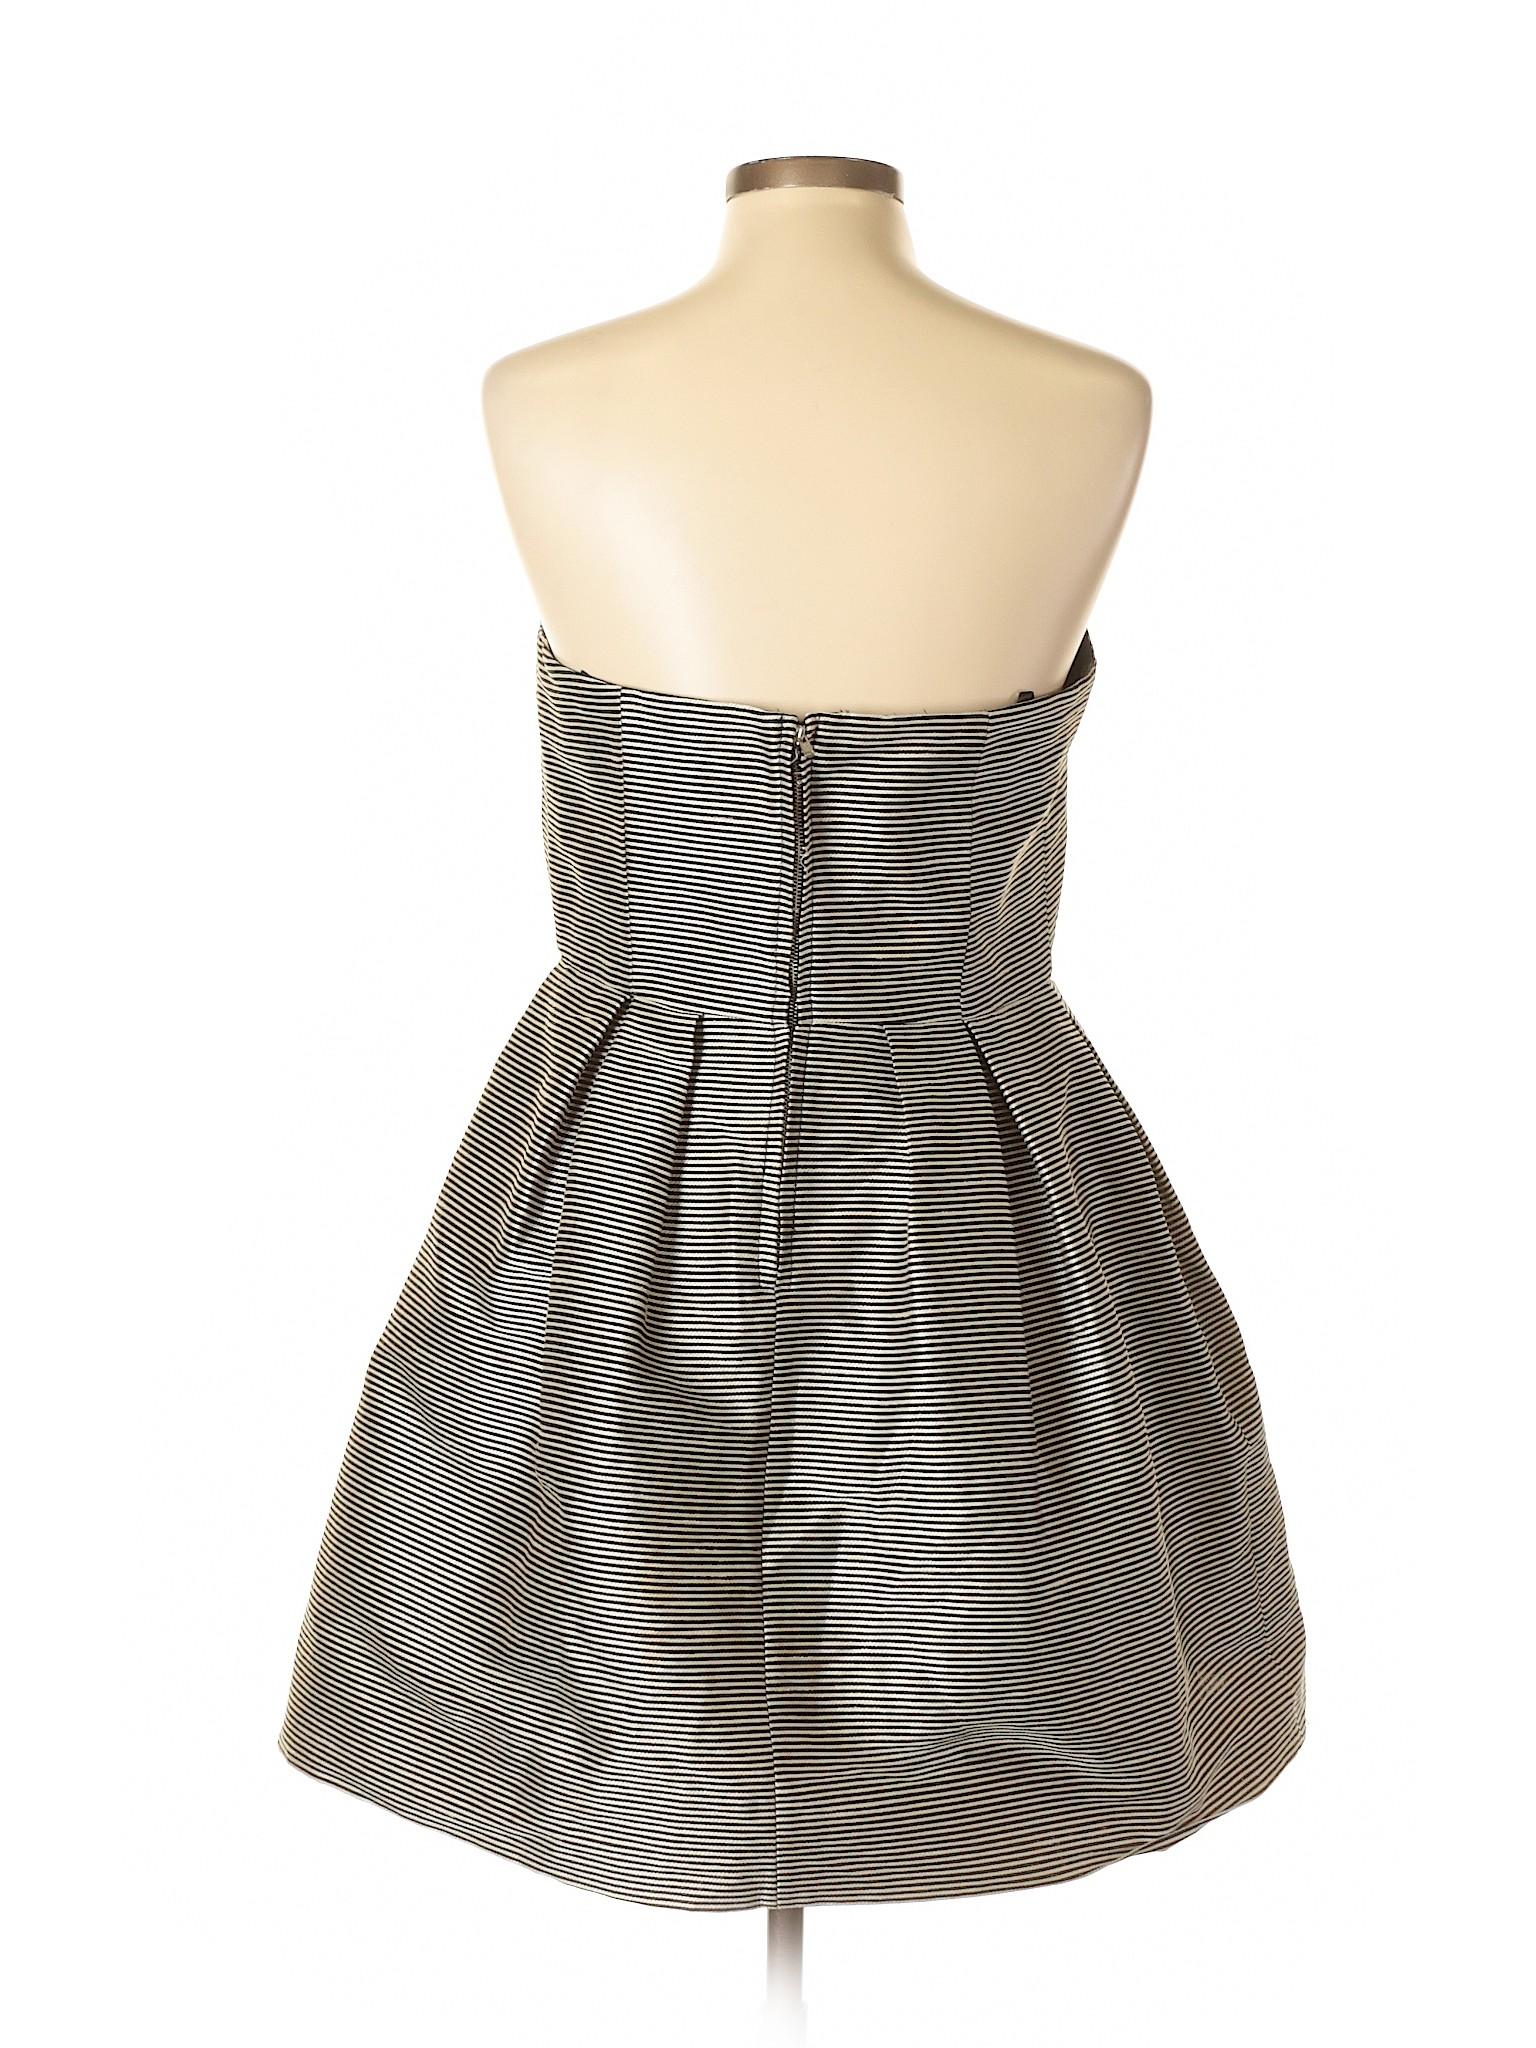 Jill winter Dress Stuart Boutique Casual Oqv5nXwxC